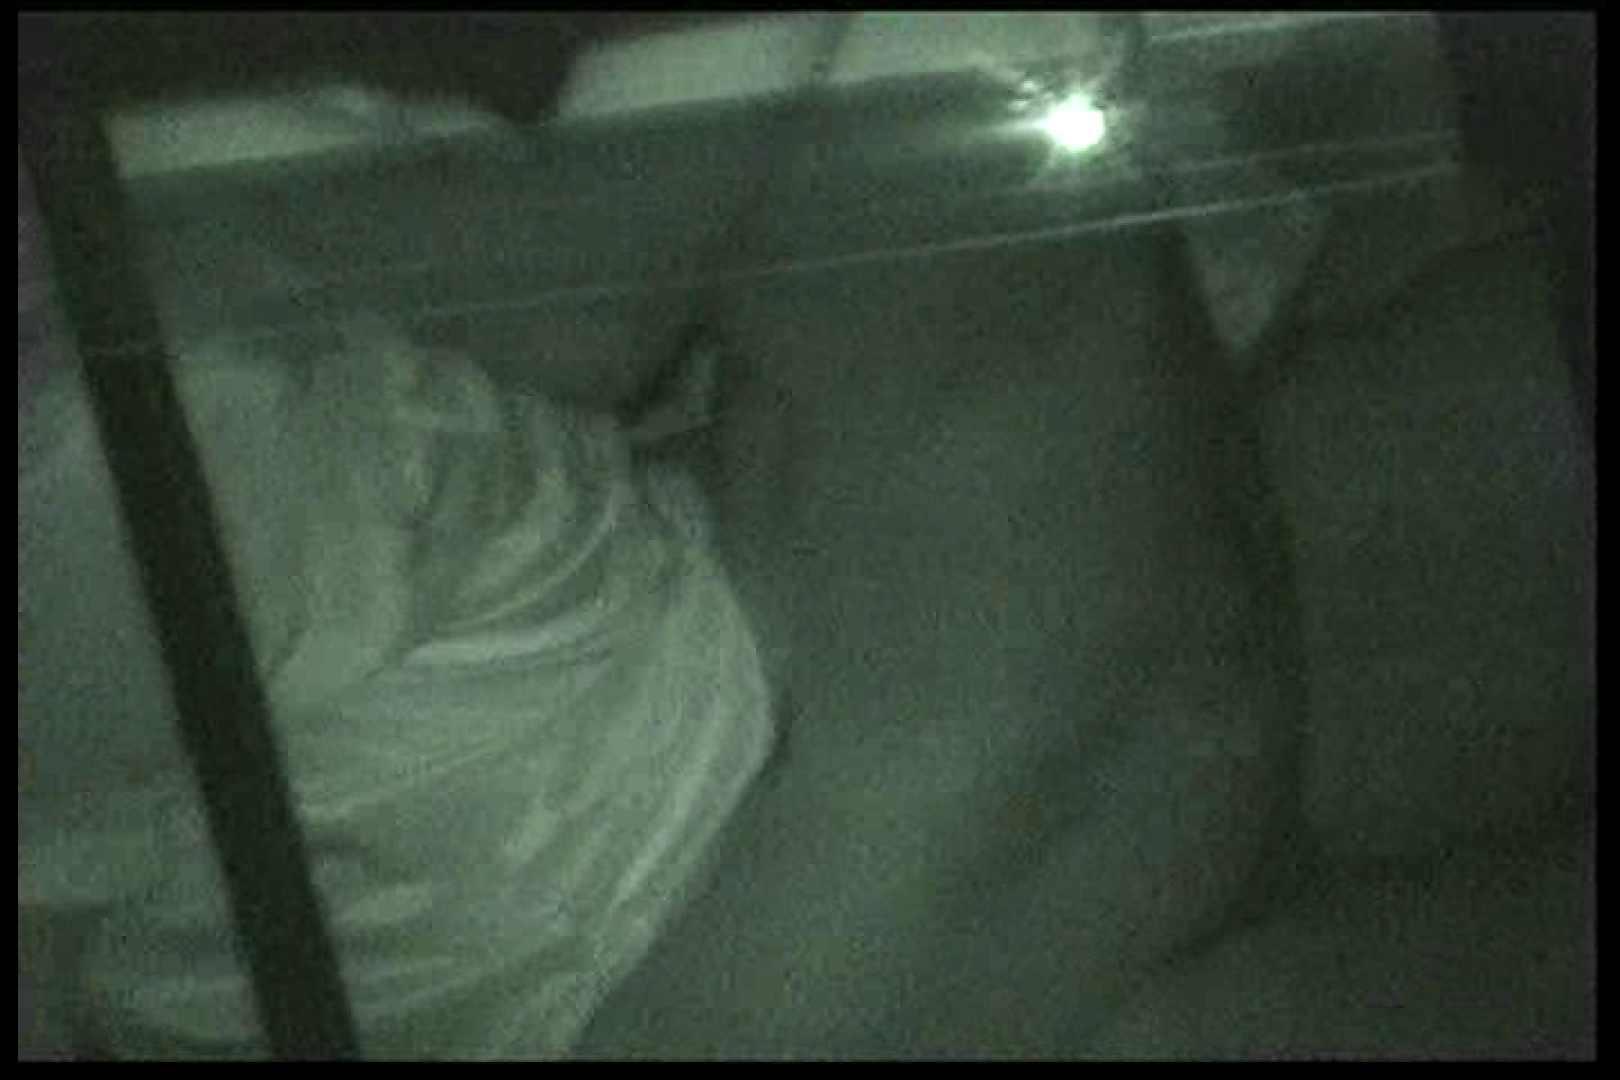 車の中はラブホテル 無修正版  Vol.13 マンコ映像 のぞき動画画像 80連発 27